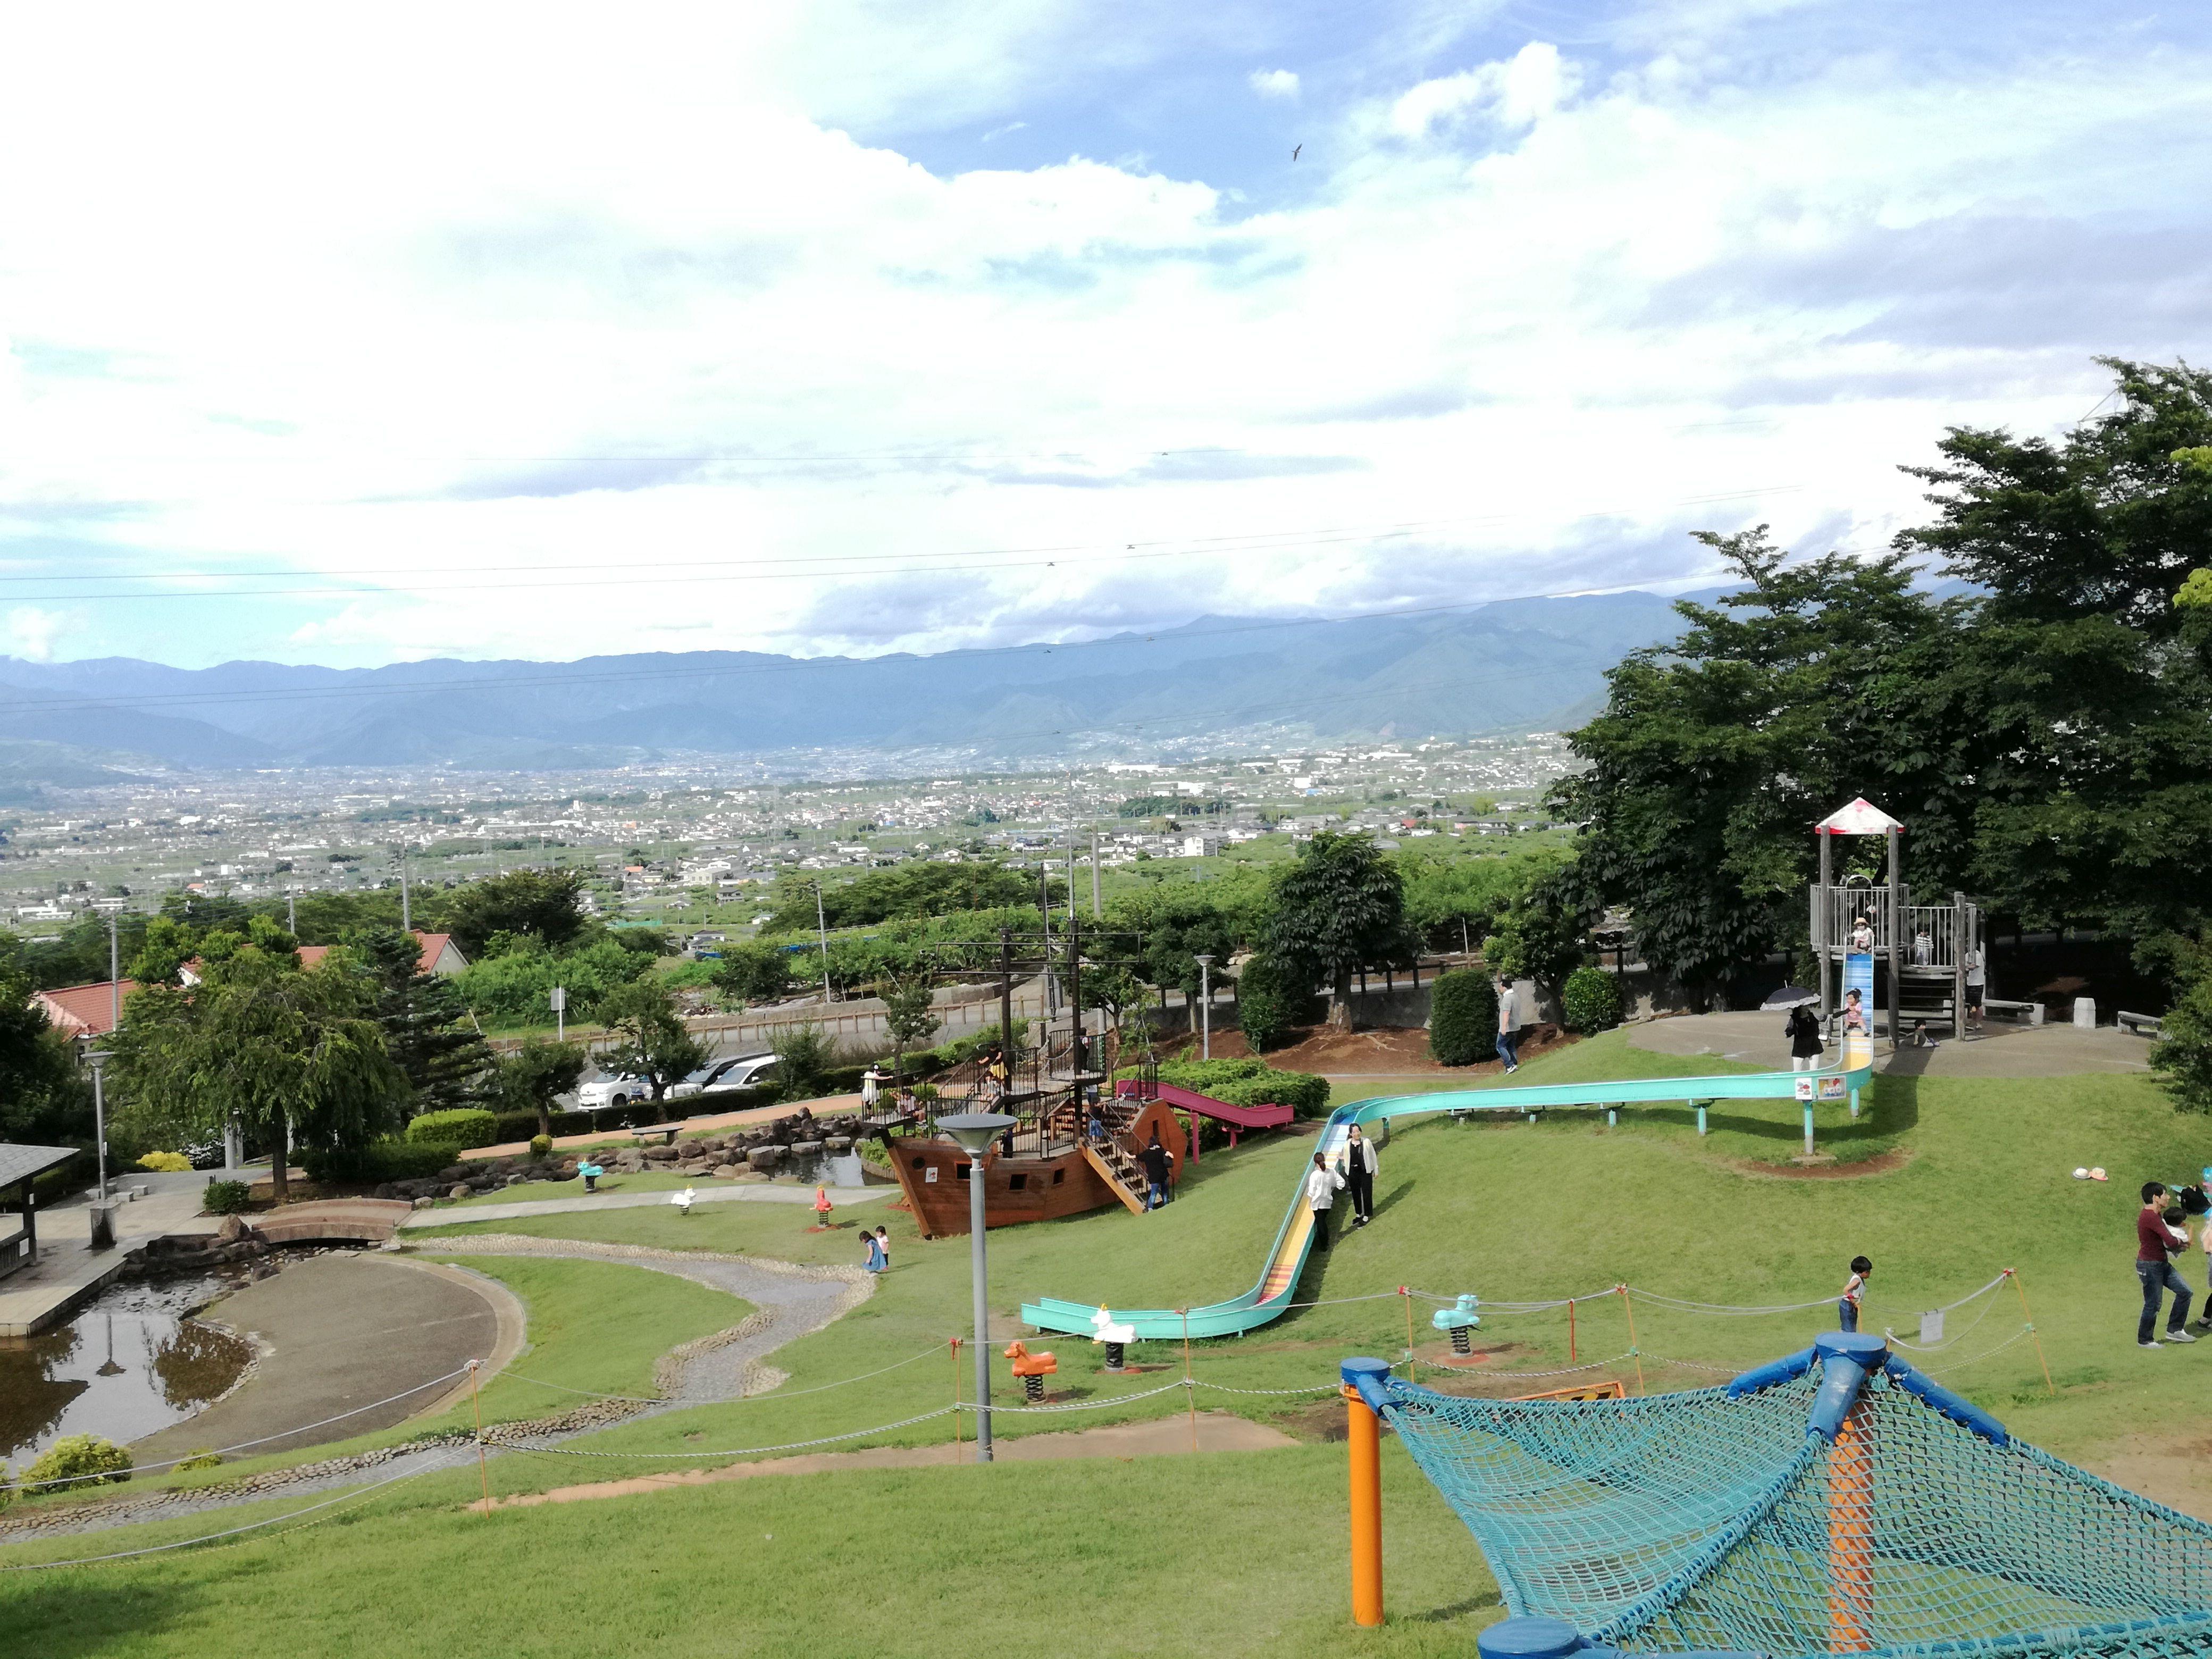 八代ふるさと公園 眺め 遊具